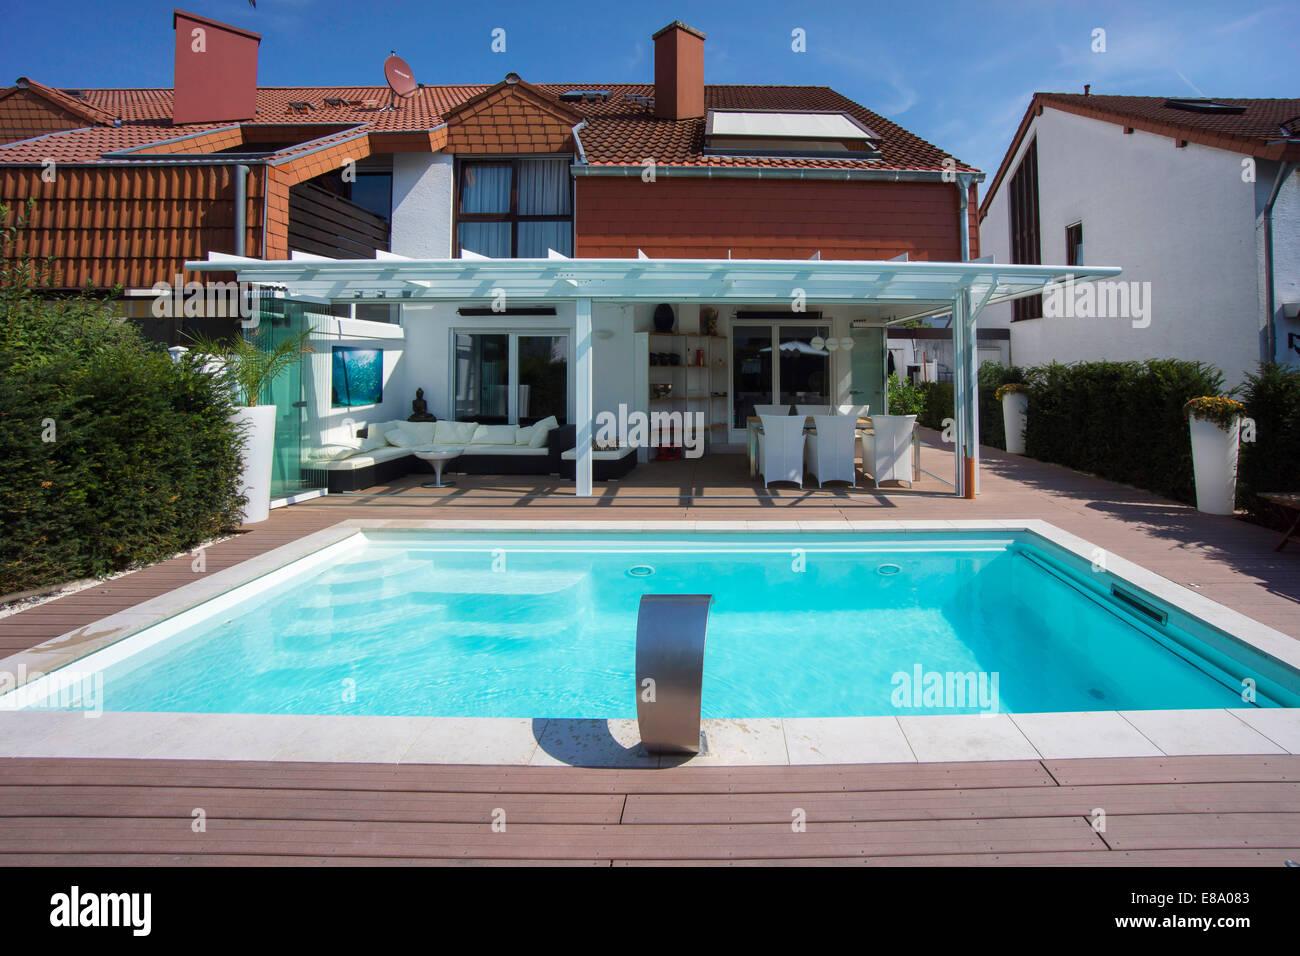 wintergarten mit pool, private reihenhaus mit wintergarten, einen pool und eine terrasse, Design ideen